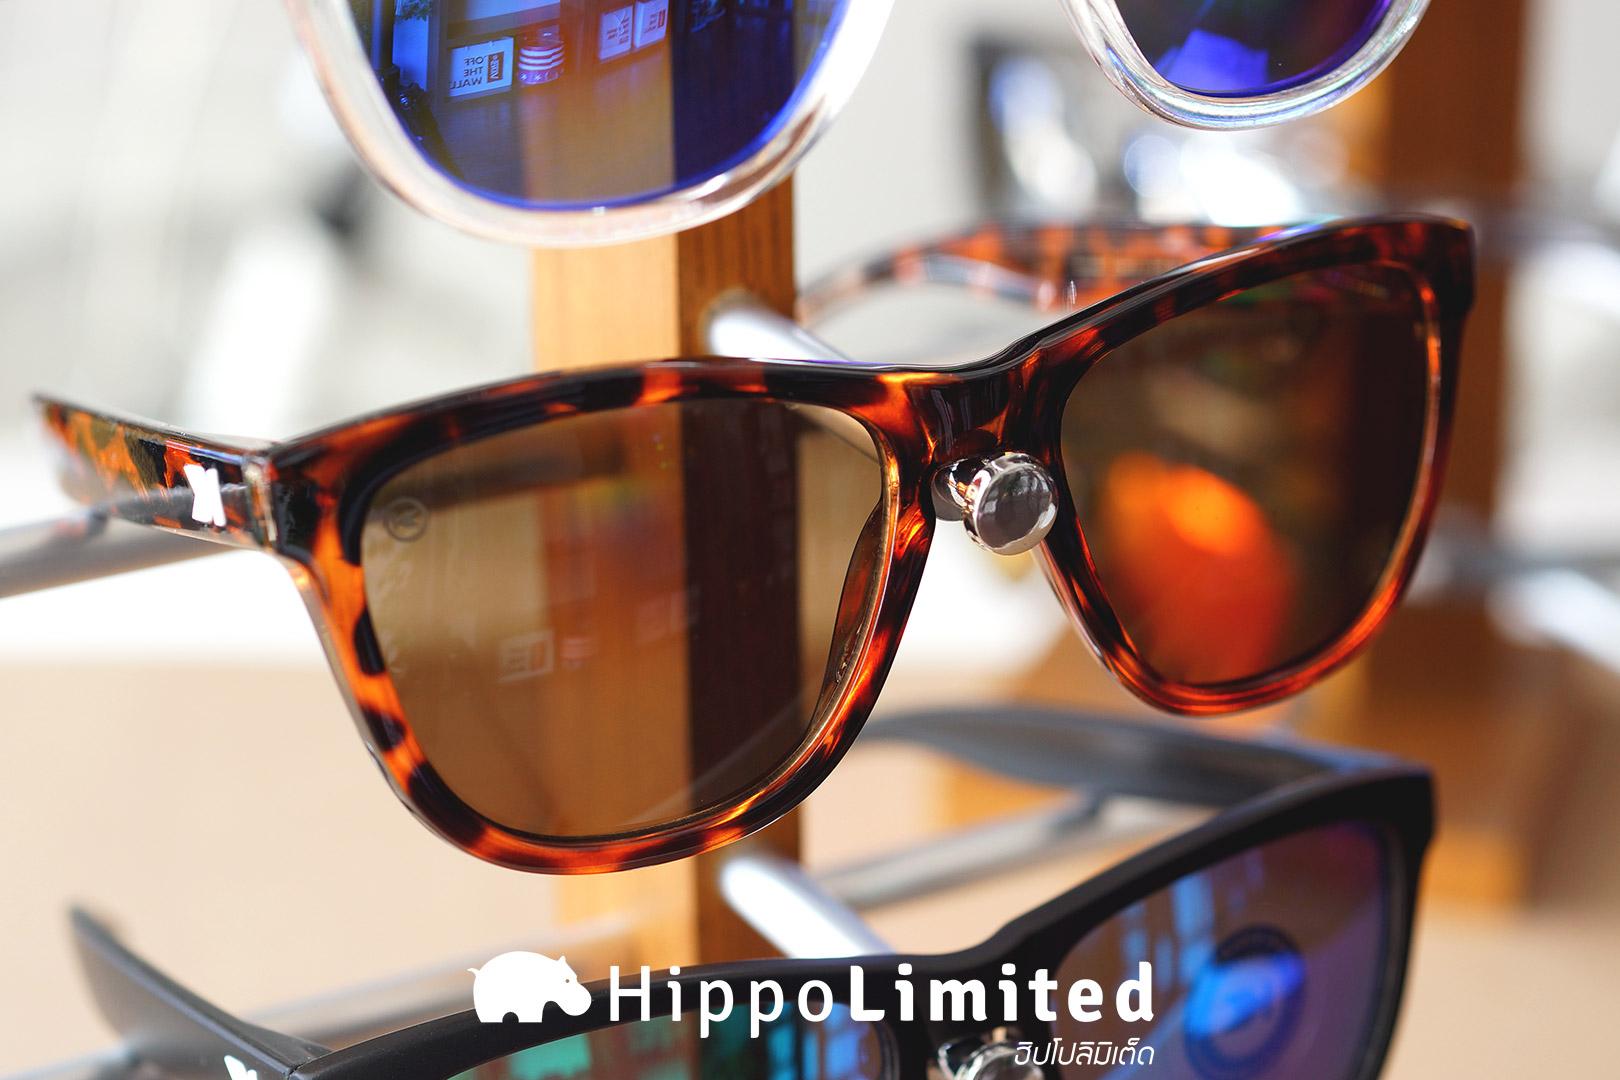 แว่น Knockaround Premiums Sunglasses - Glossy Tortoise Shell / Amber